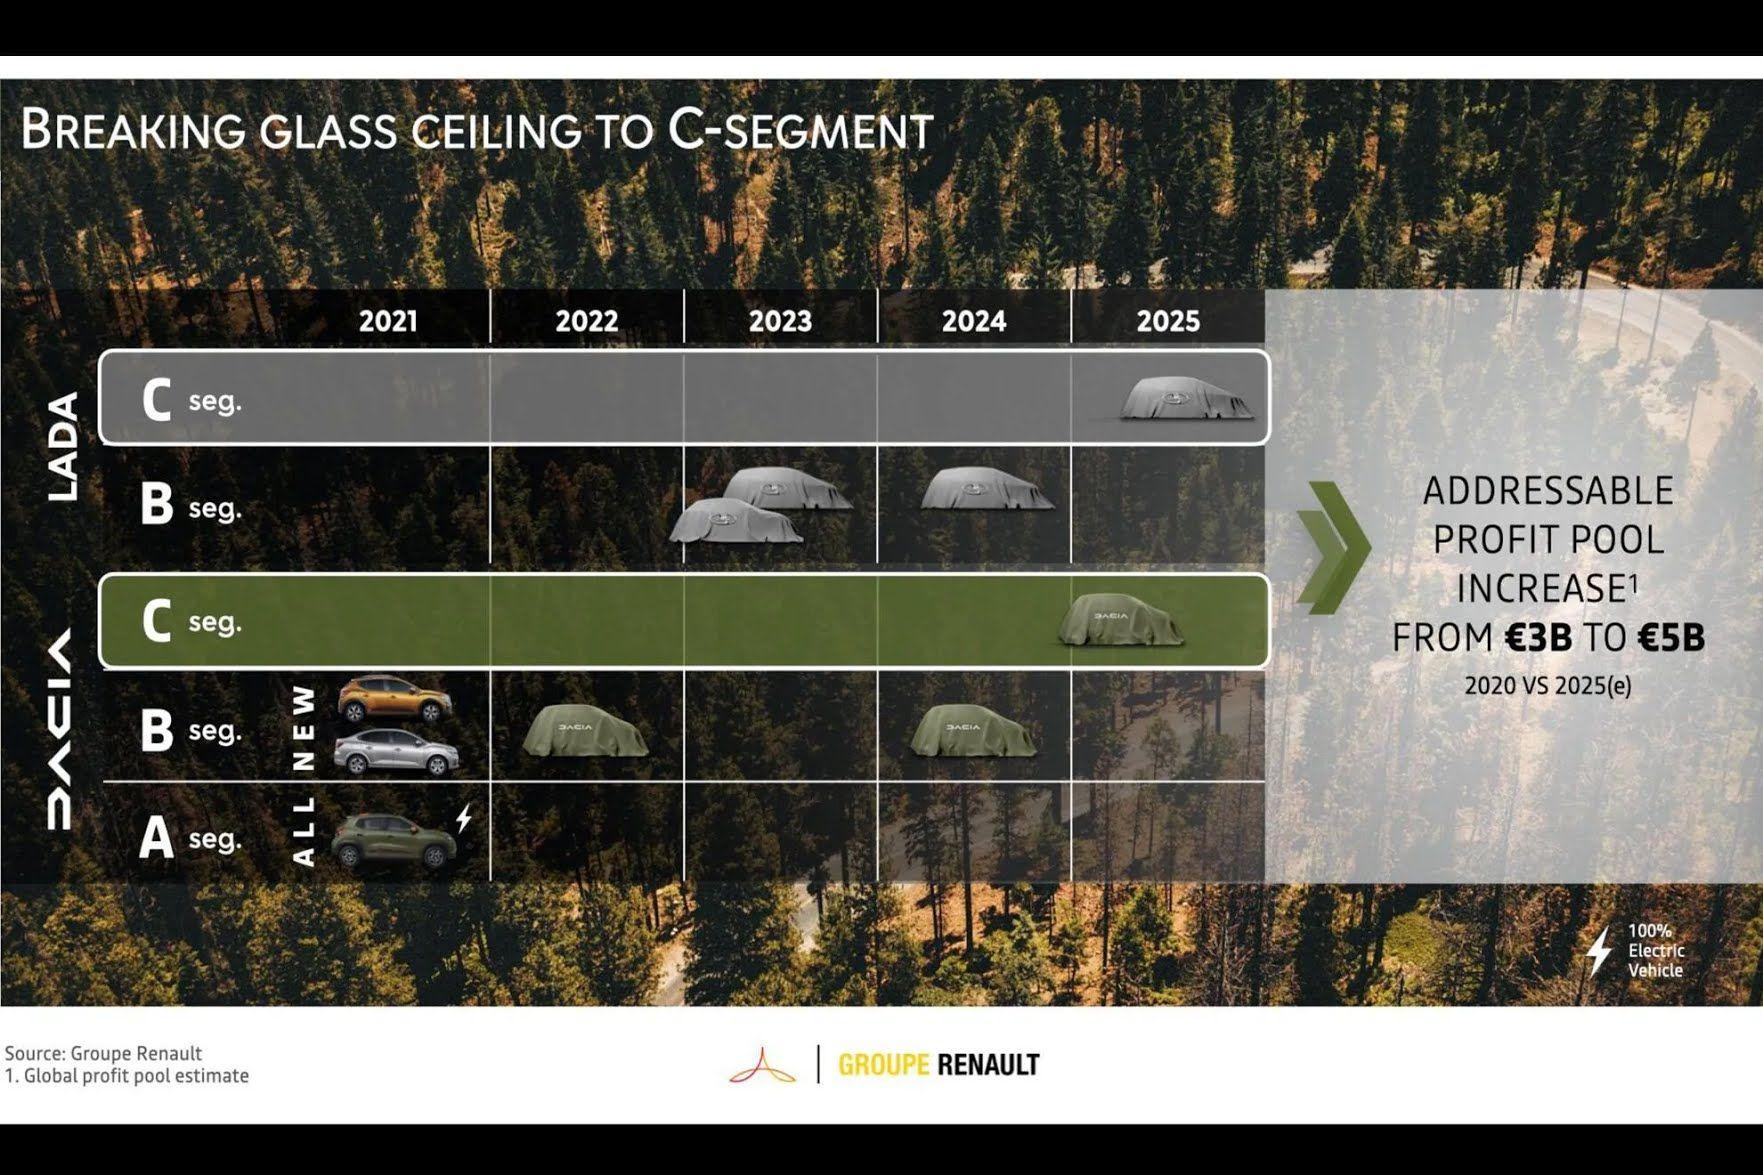 Выпуск автомобилей Lada на унифицированной платформе Renault начнется в 2023 году